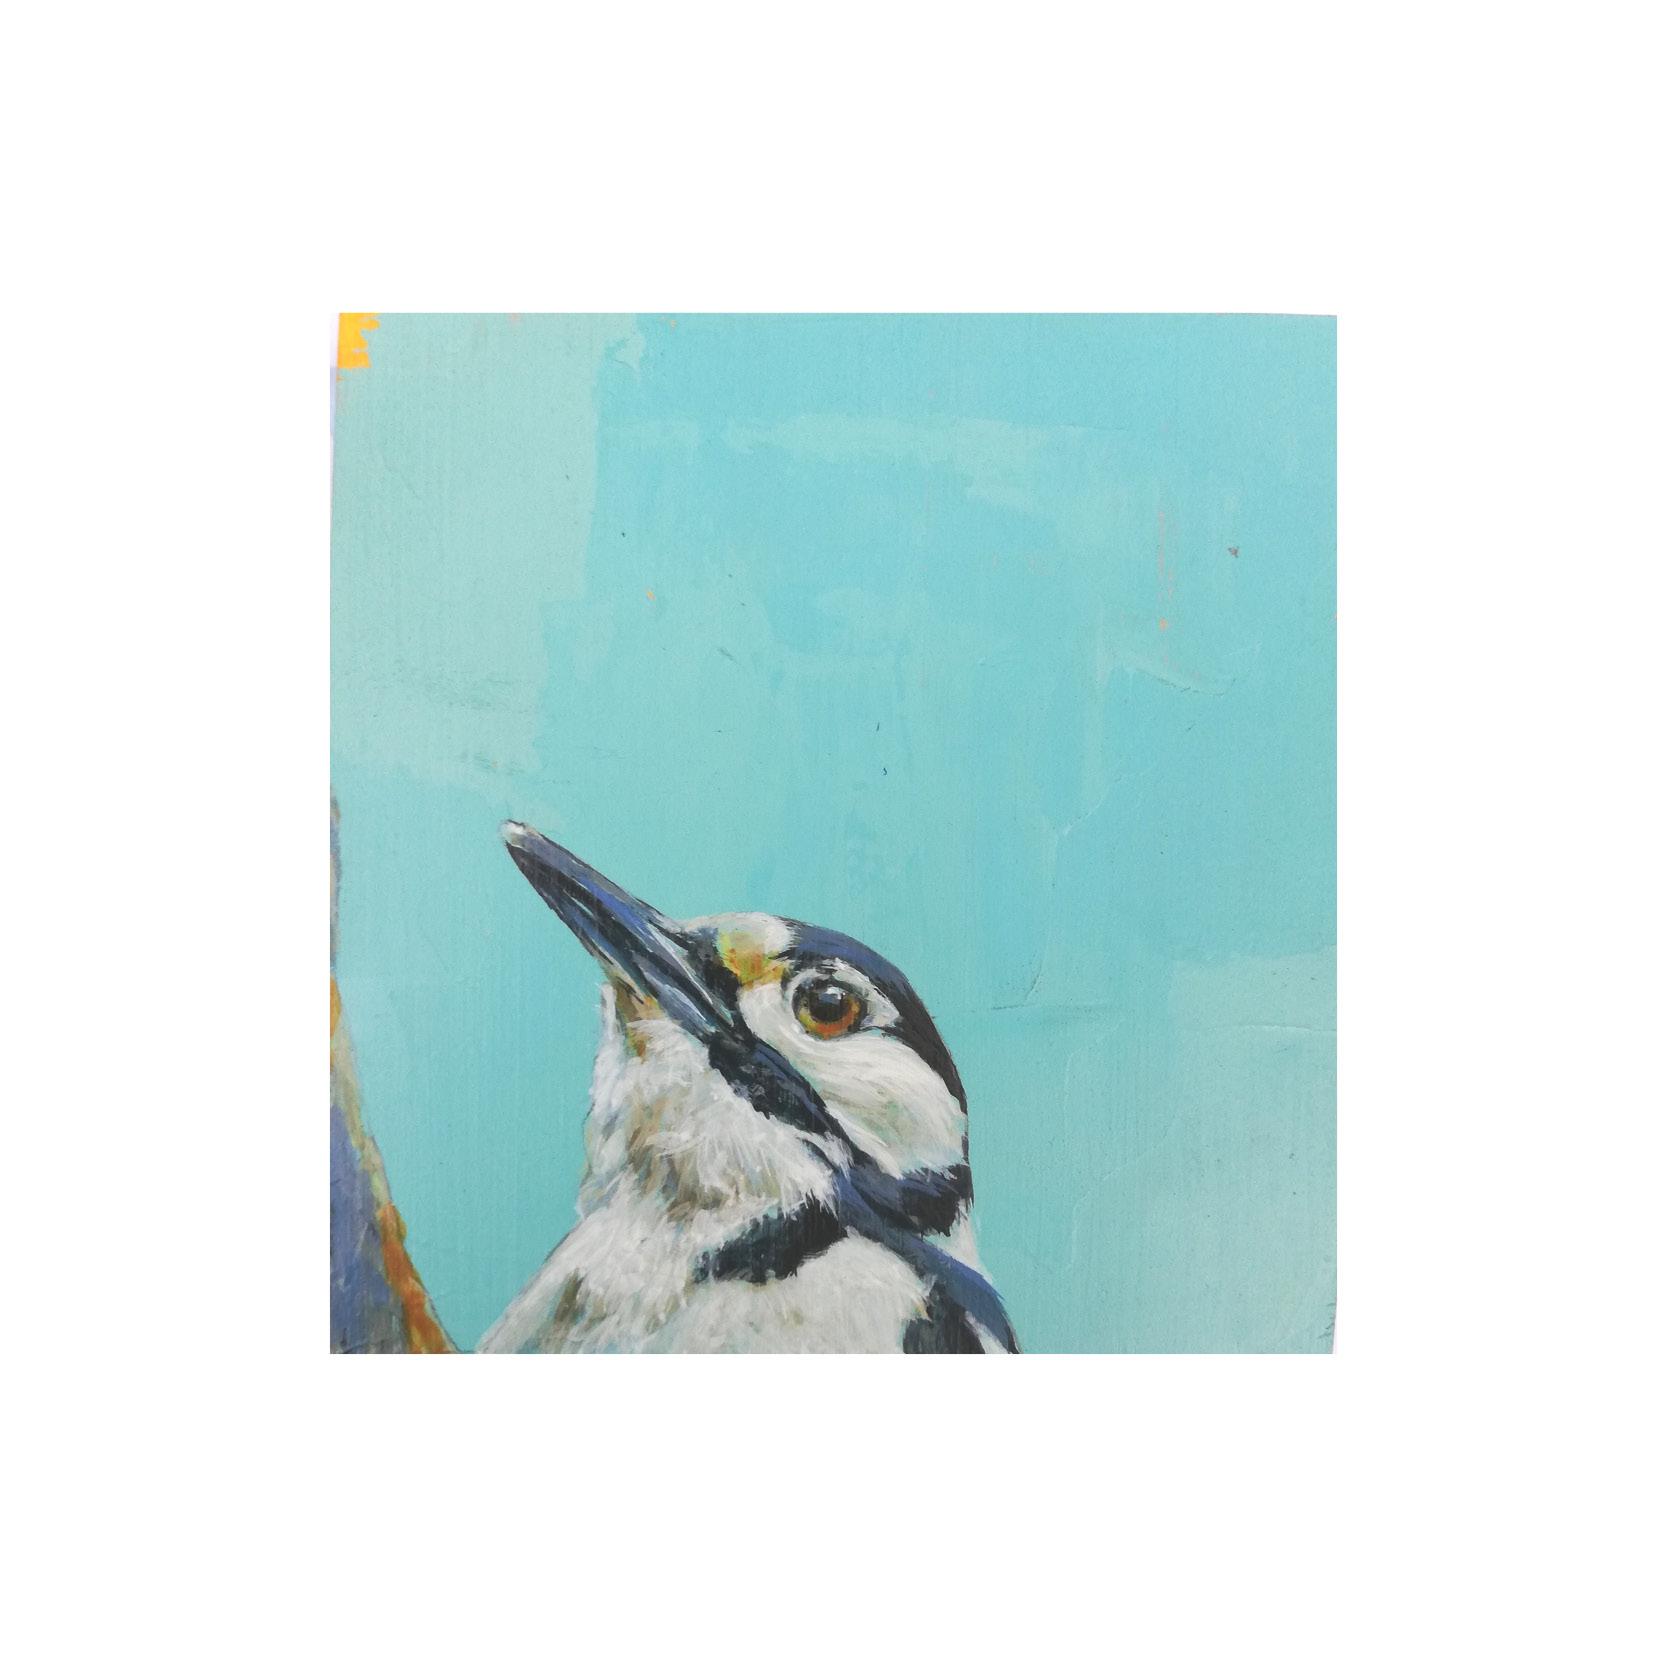 Steve Ferguson - Great Spotted Woodpeckers Head